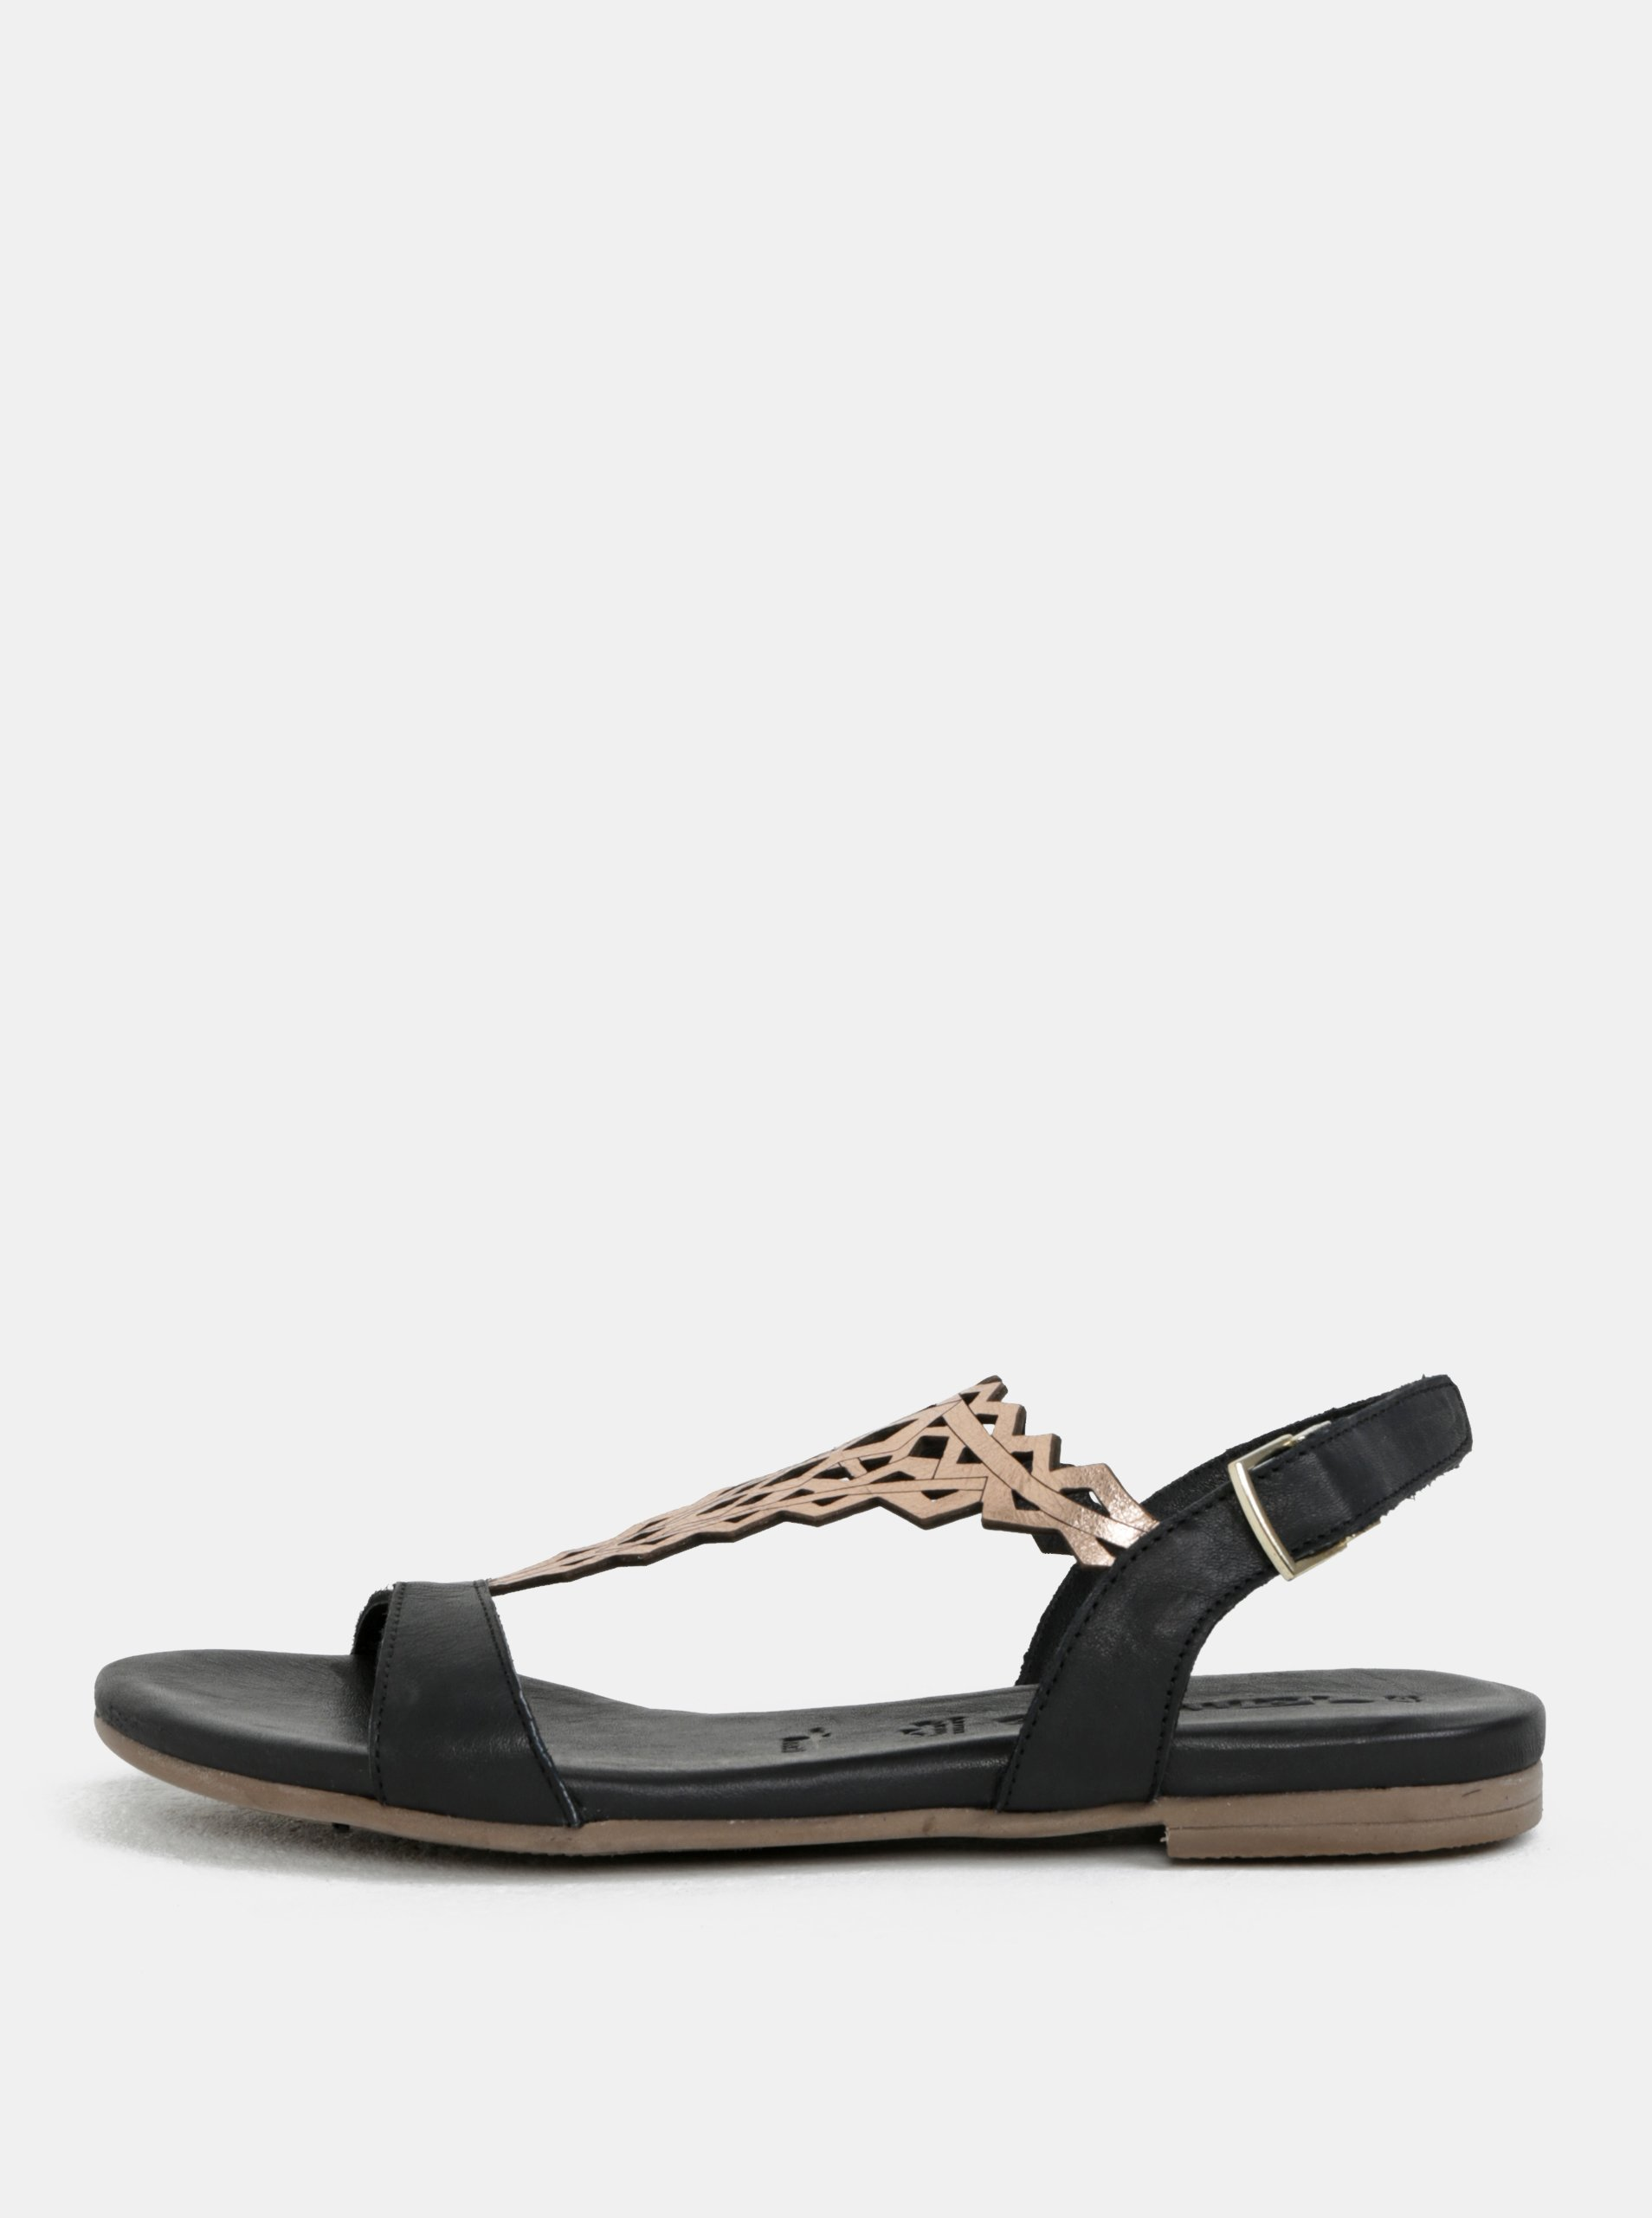 2e8bffbf826a7 Tamaris sandale cierne 41 | Stojizato.sme.sk